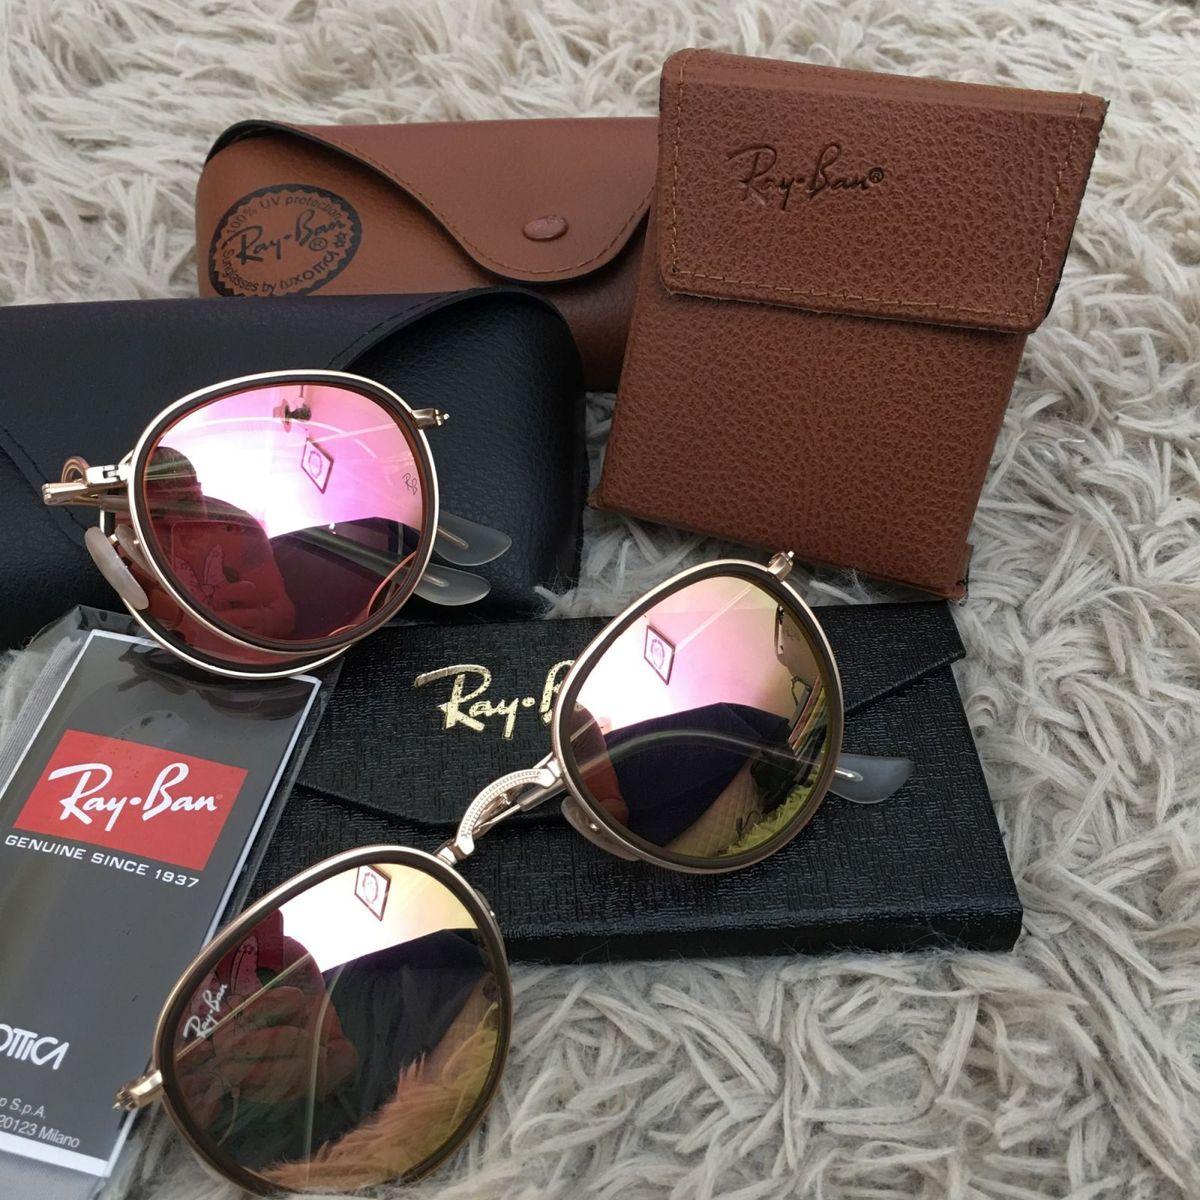 ff802243f Oculos de Sol Ray Ban Round Rb3517 Dobravel Feminino Sunglasses Dourado  Lentes Rosa Rose Uva Uvb | Óculos Feminino Ray Ban Nunca Usado 29398402 |  enjoei